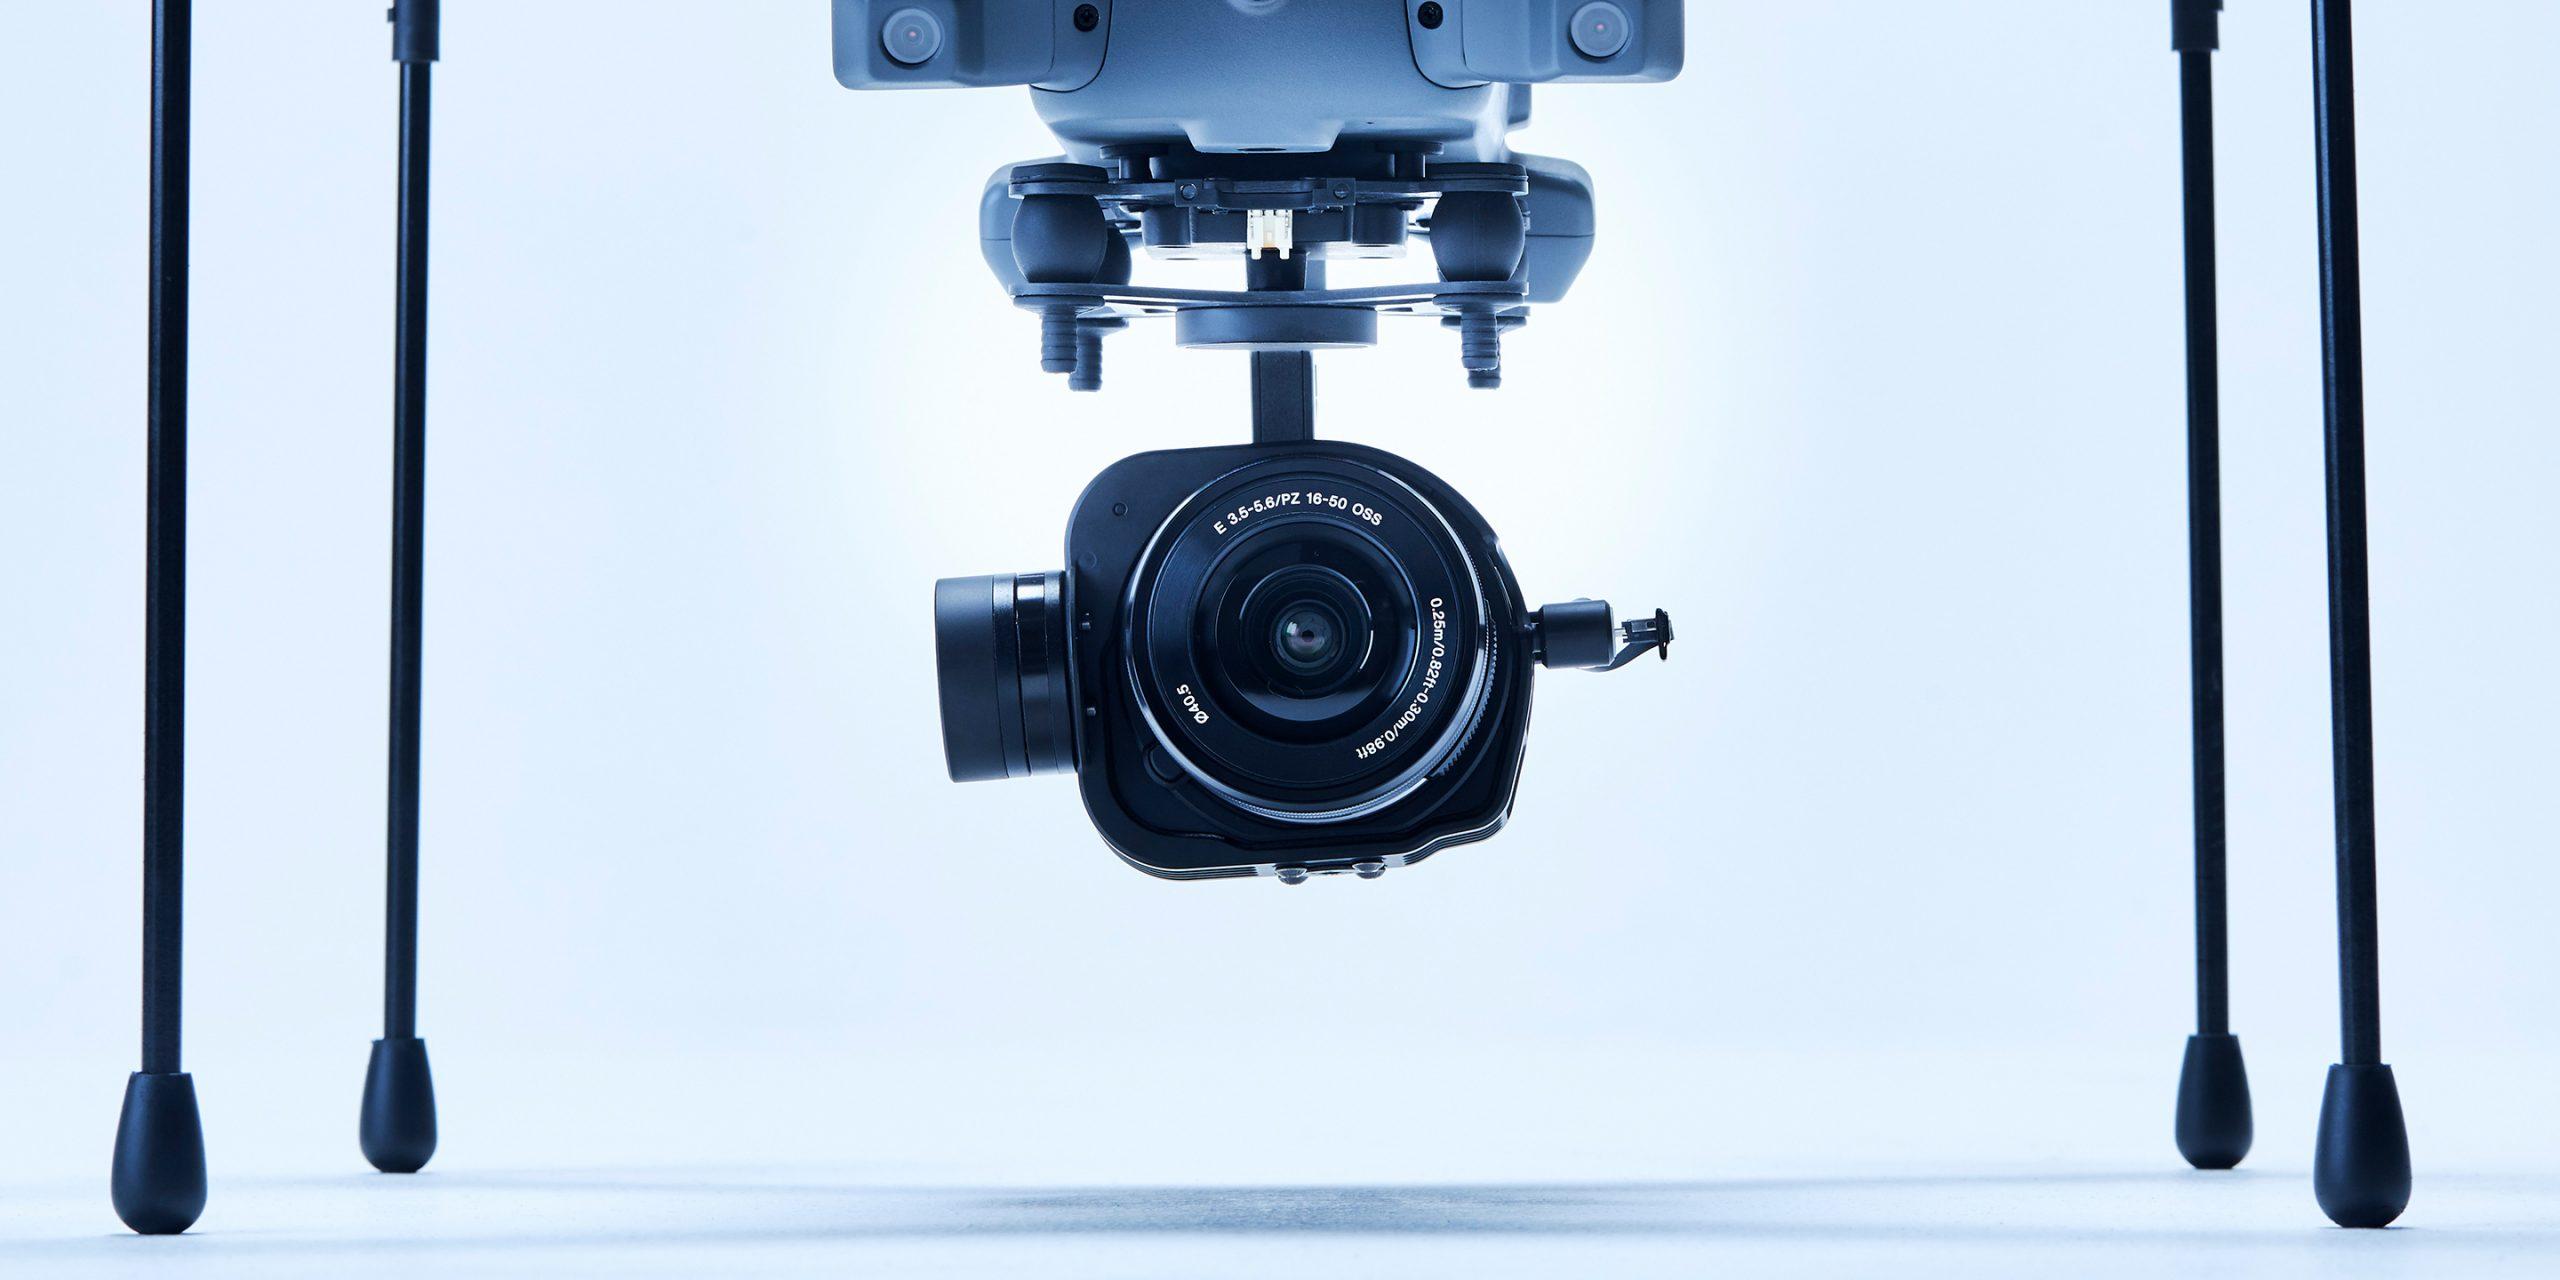 インフラ点検プラント(非GPS環境)用カメラ